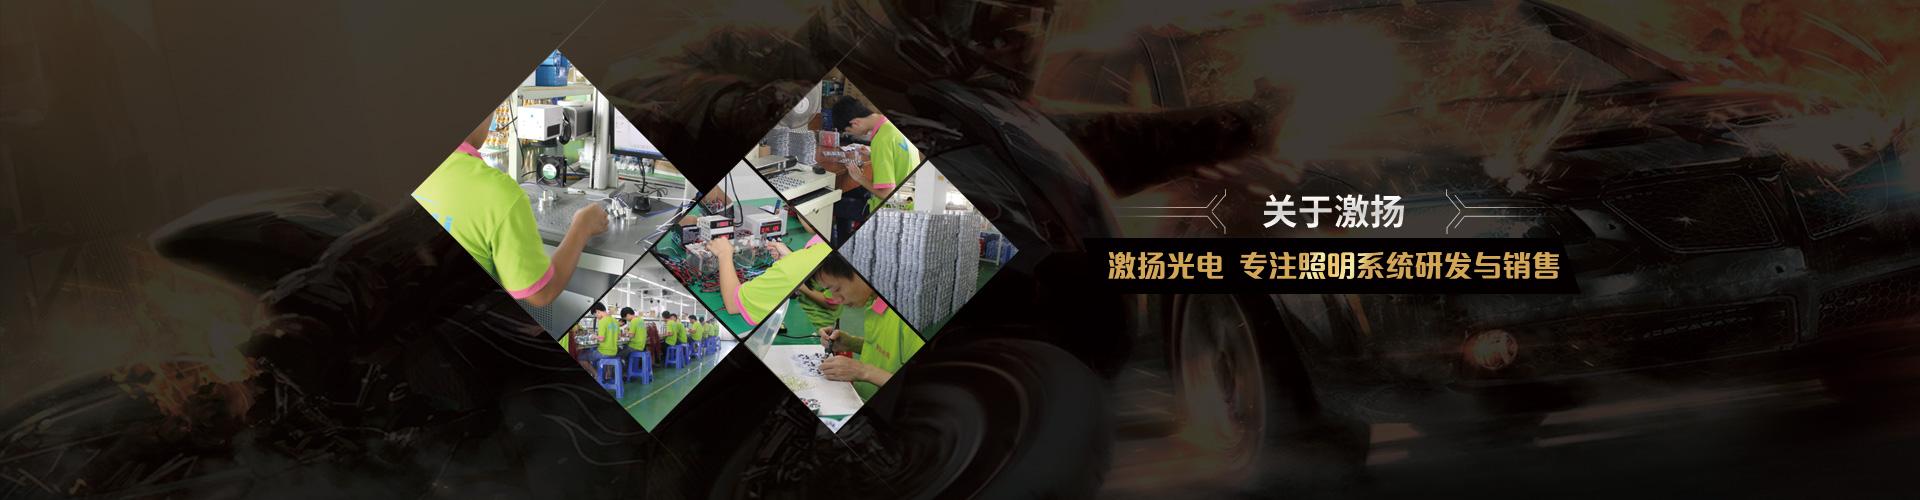 激扬光电  专注照明系统研发与销售